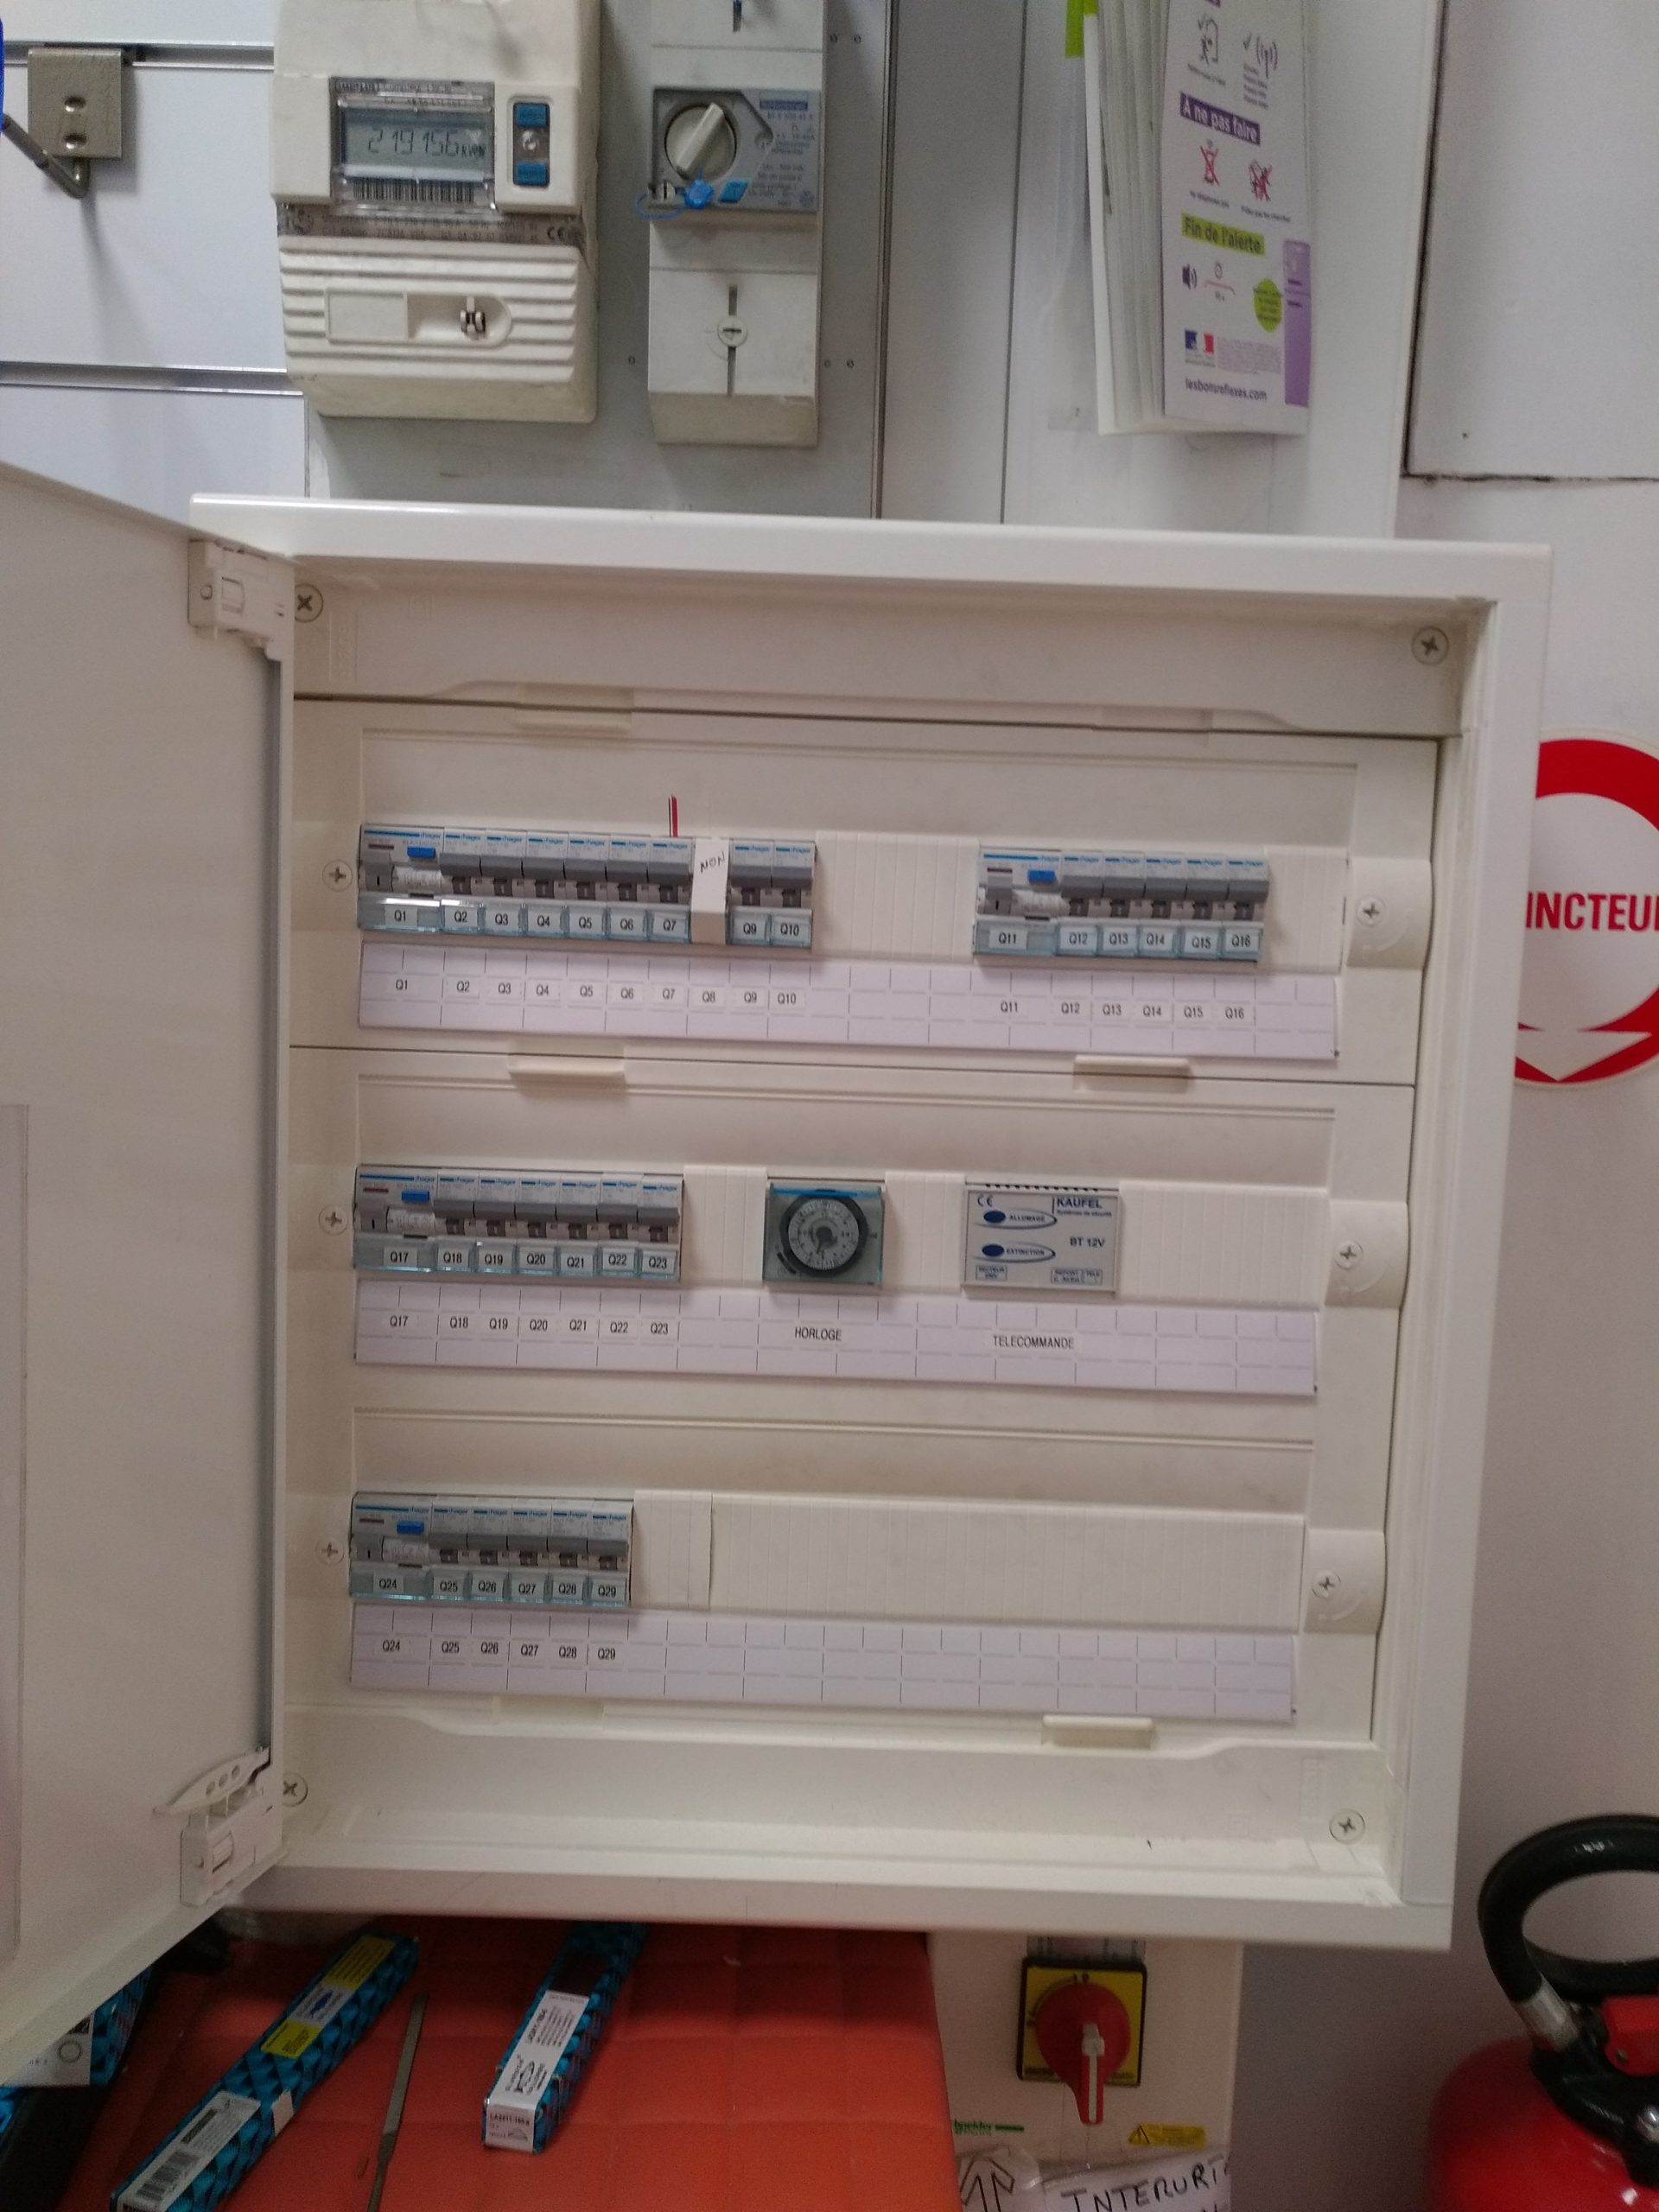 électricien Lyon installation dépannage électricité rénovation tableau électrique après